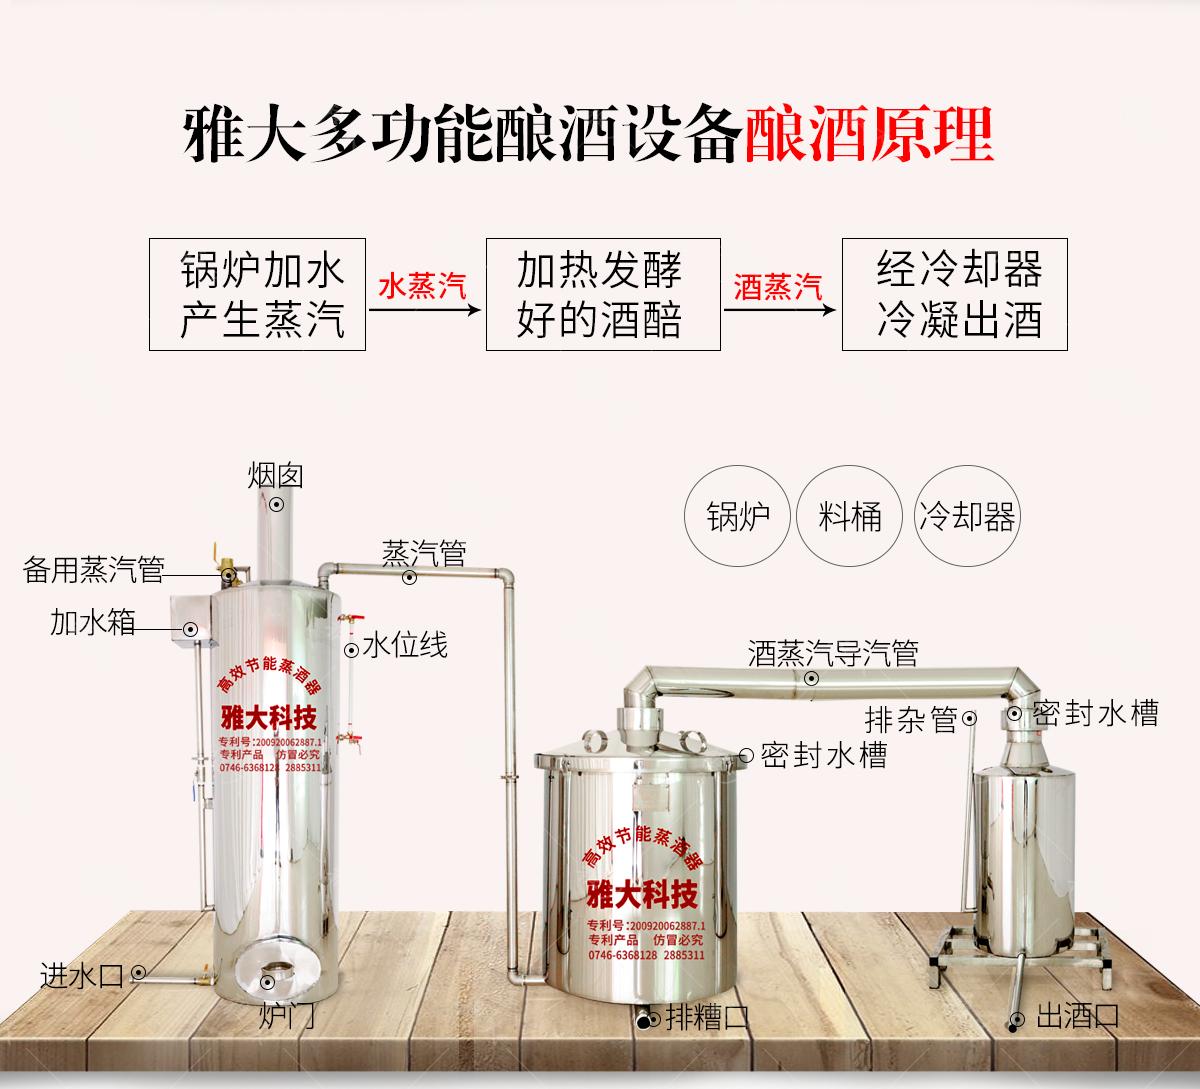 多功能新型酿酒设备pc_07